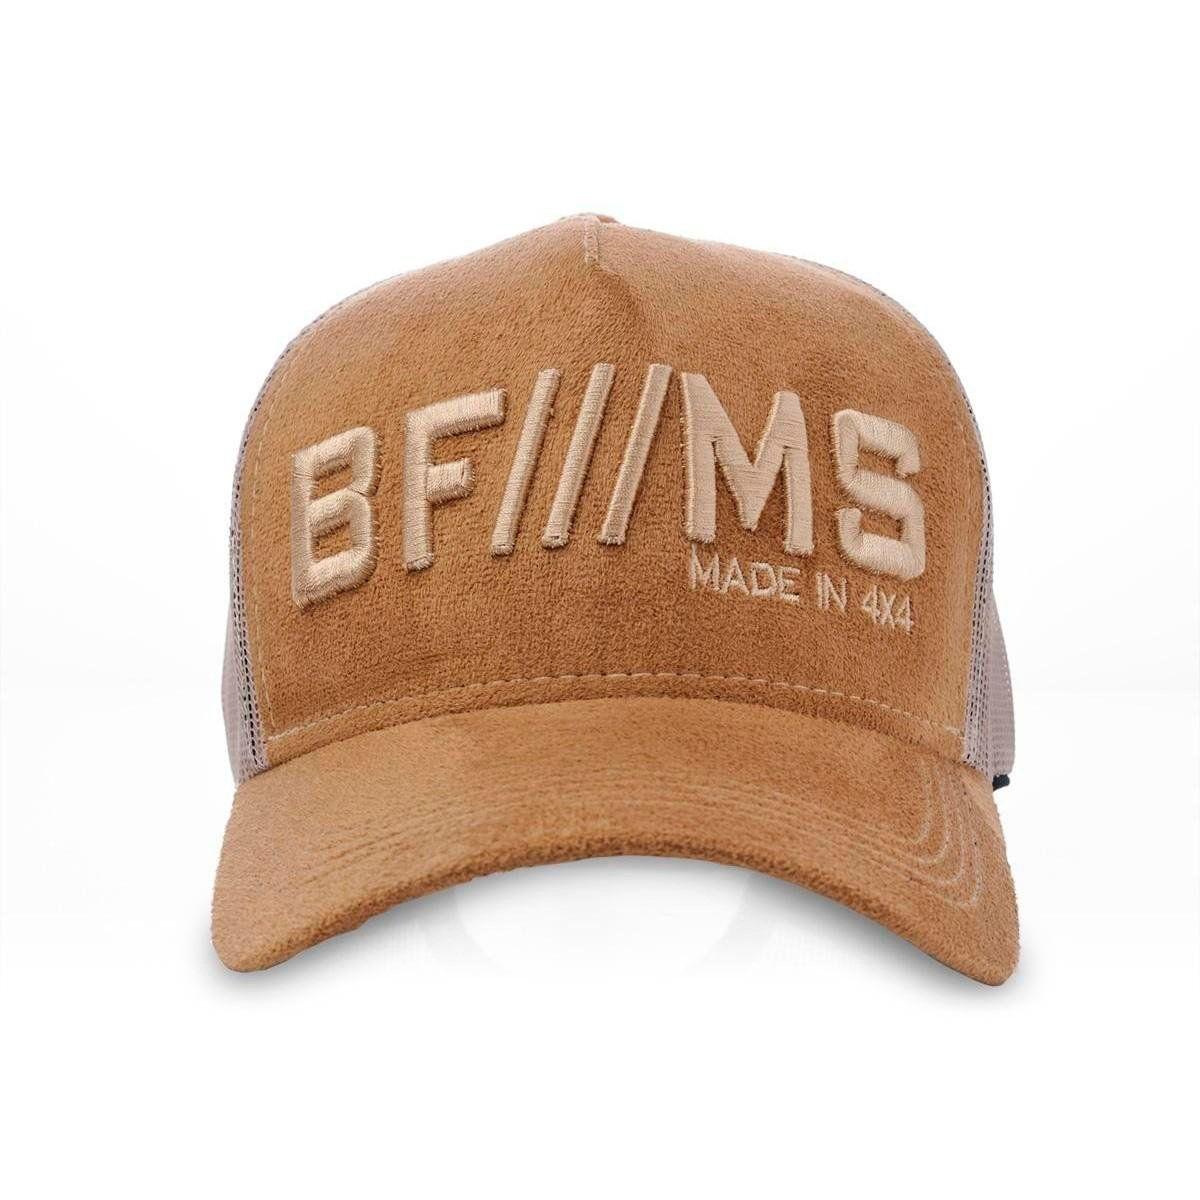 Boné BFMS Tradicional Ocre Camurça Bordado Snapback Ajustável